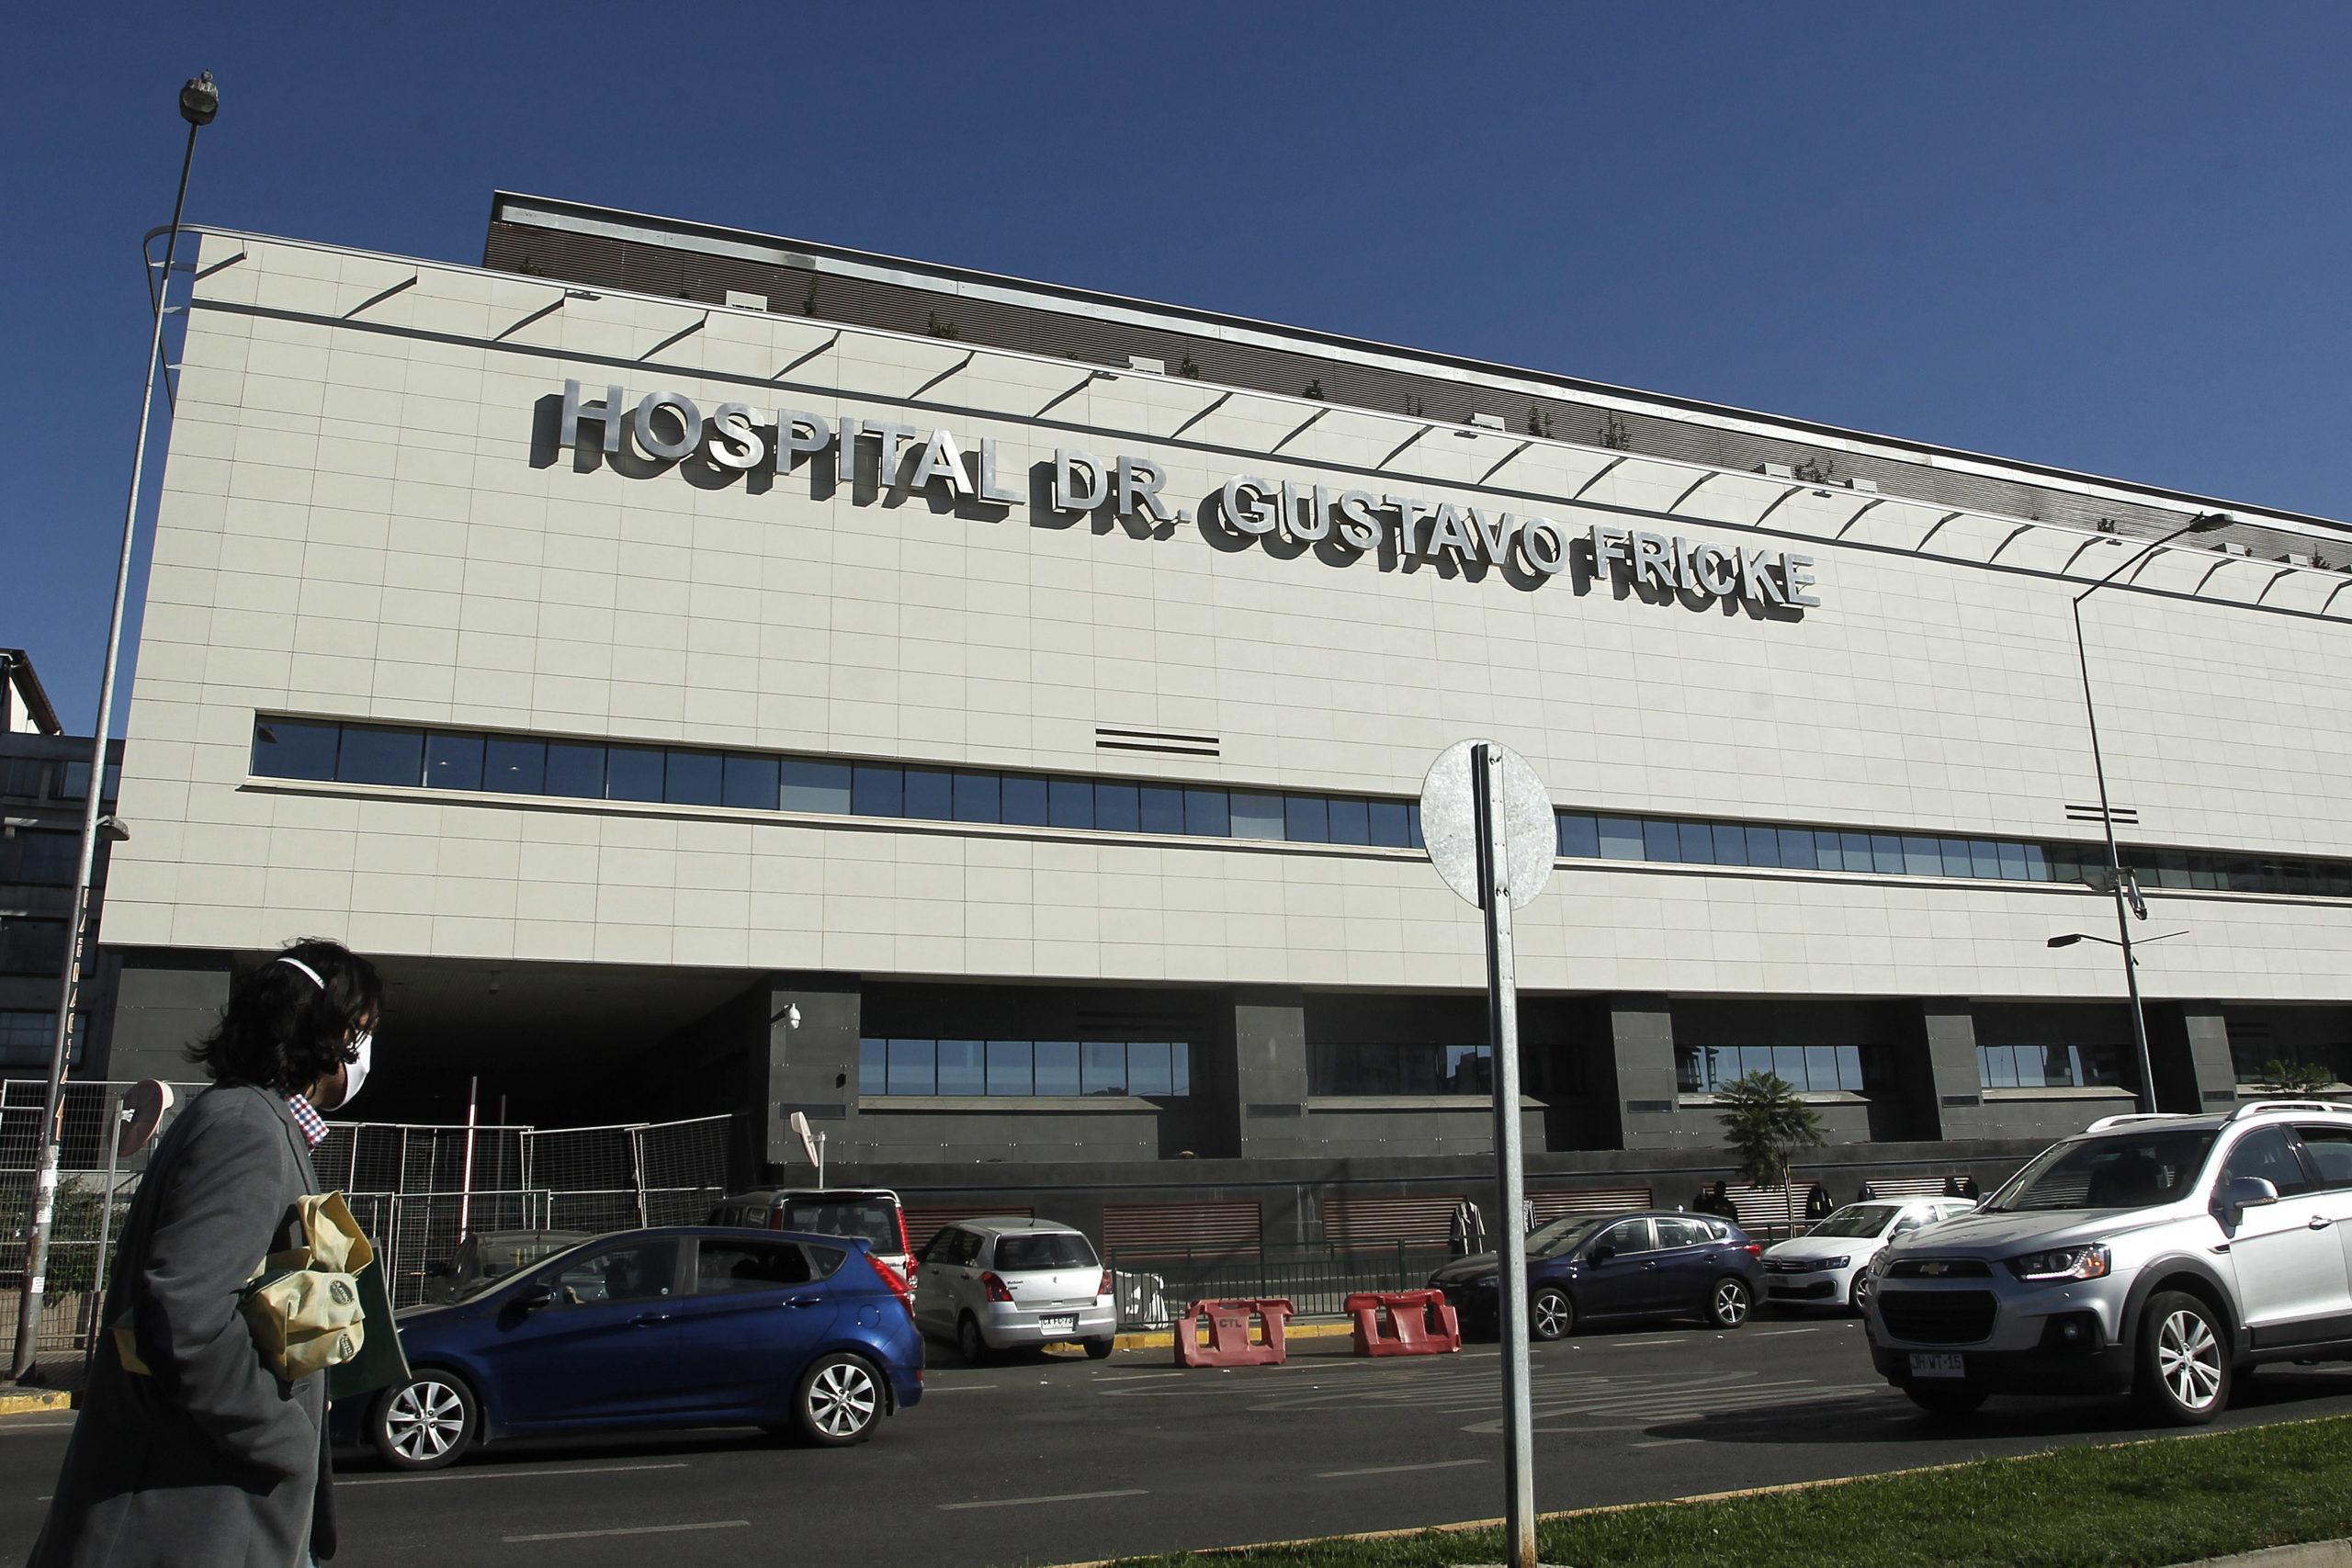 Ocupación de camas UCI en hospitales públicos de Valparaíso y Viña del Mar llegó al 100%